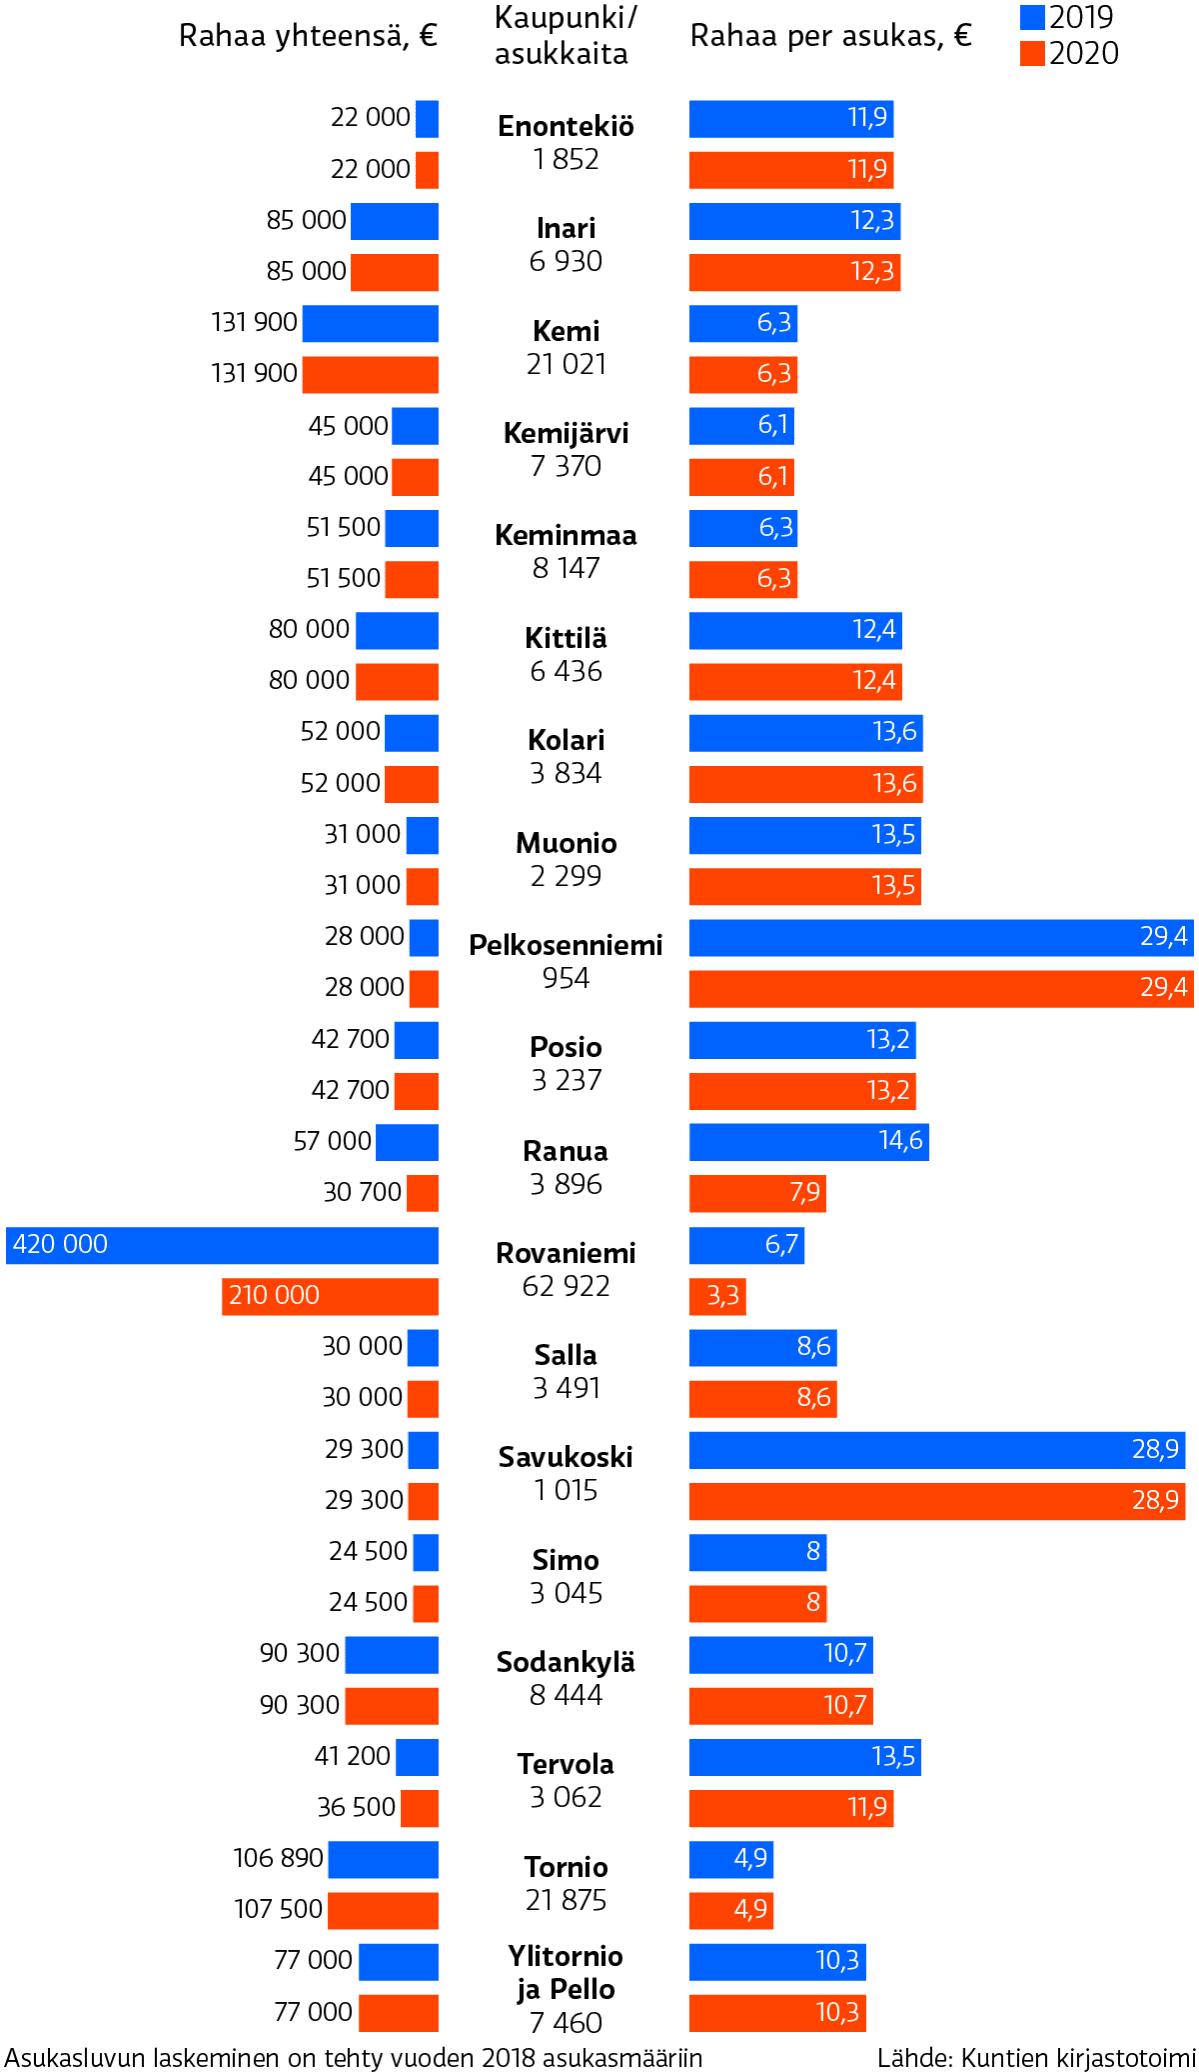 Lapin kuntien hankintabudjetit 2019–2020